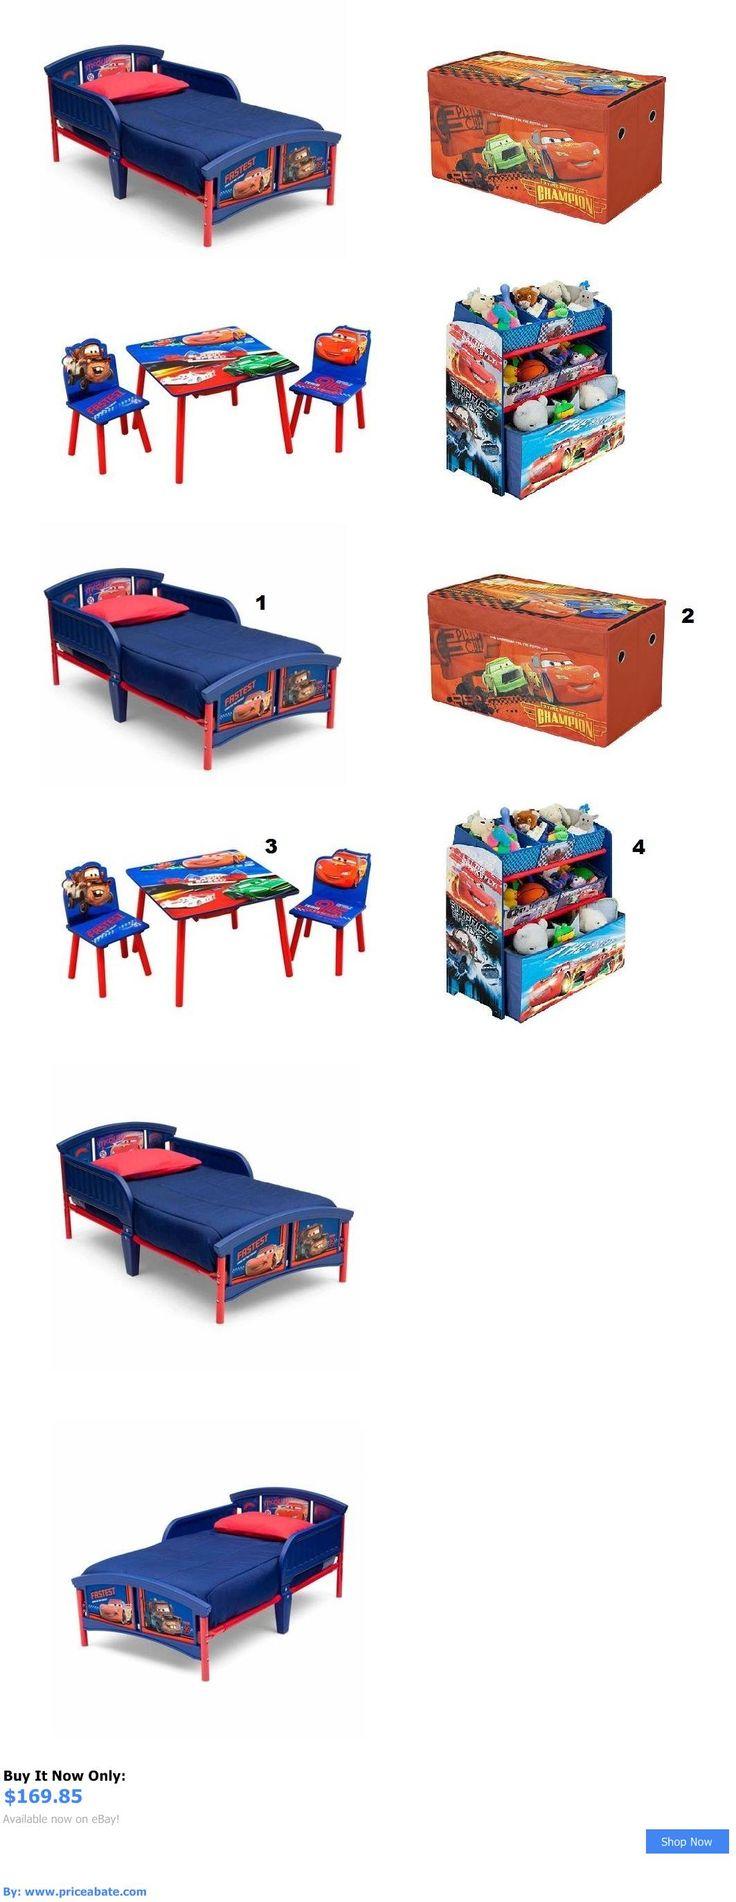 Kids Furniture New Disney Cars Bedroom Furniture Set Room Toddler Bed Table Storage Toy Bin